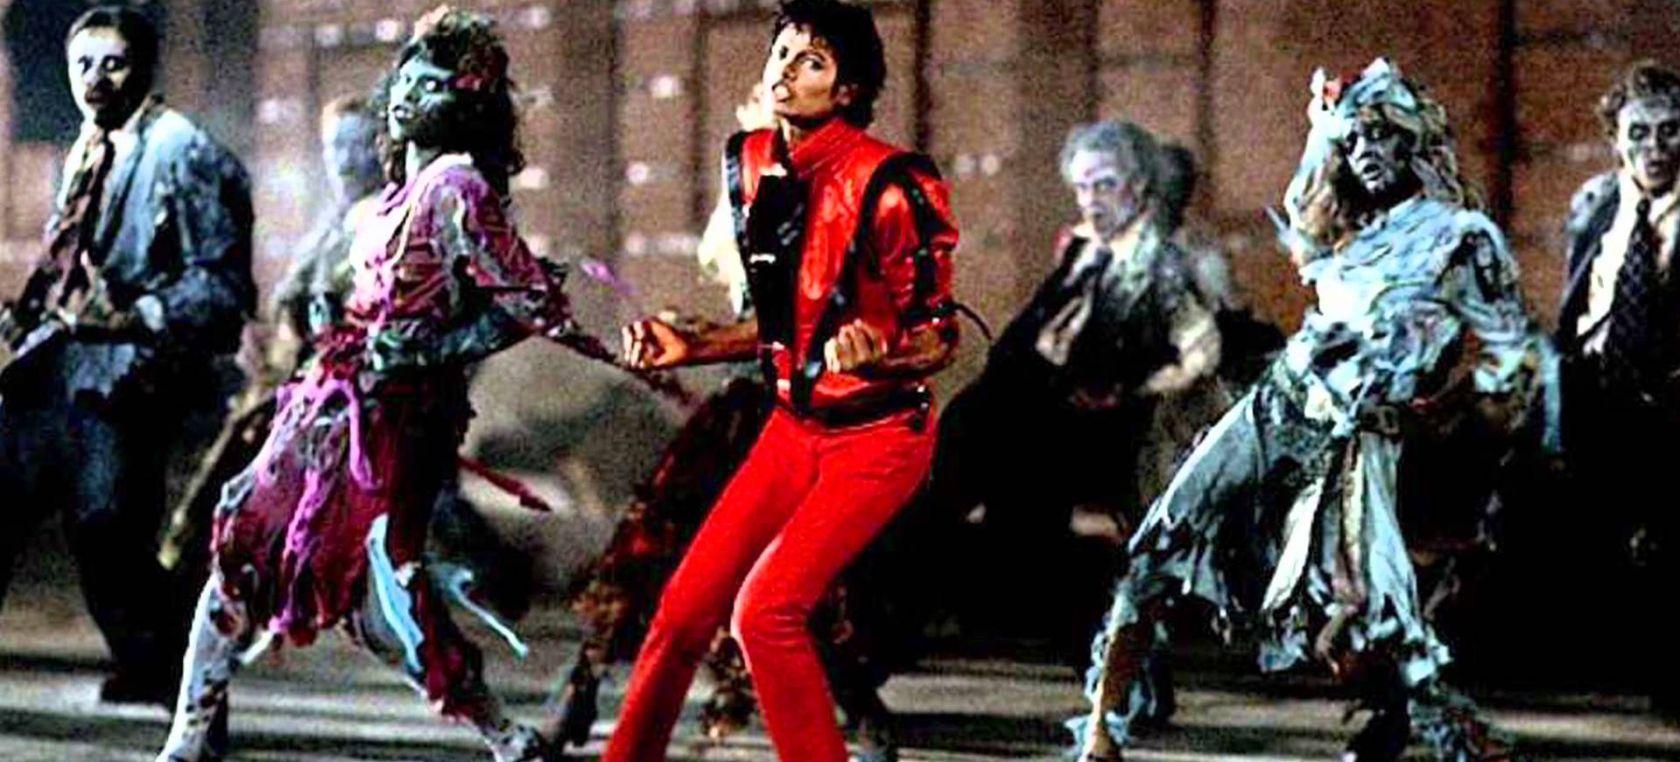 Thriller sigue siendo el mejor videoclip de la historia